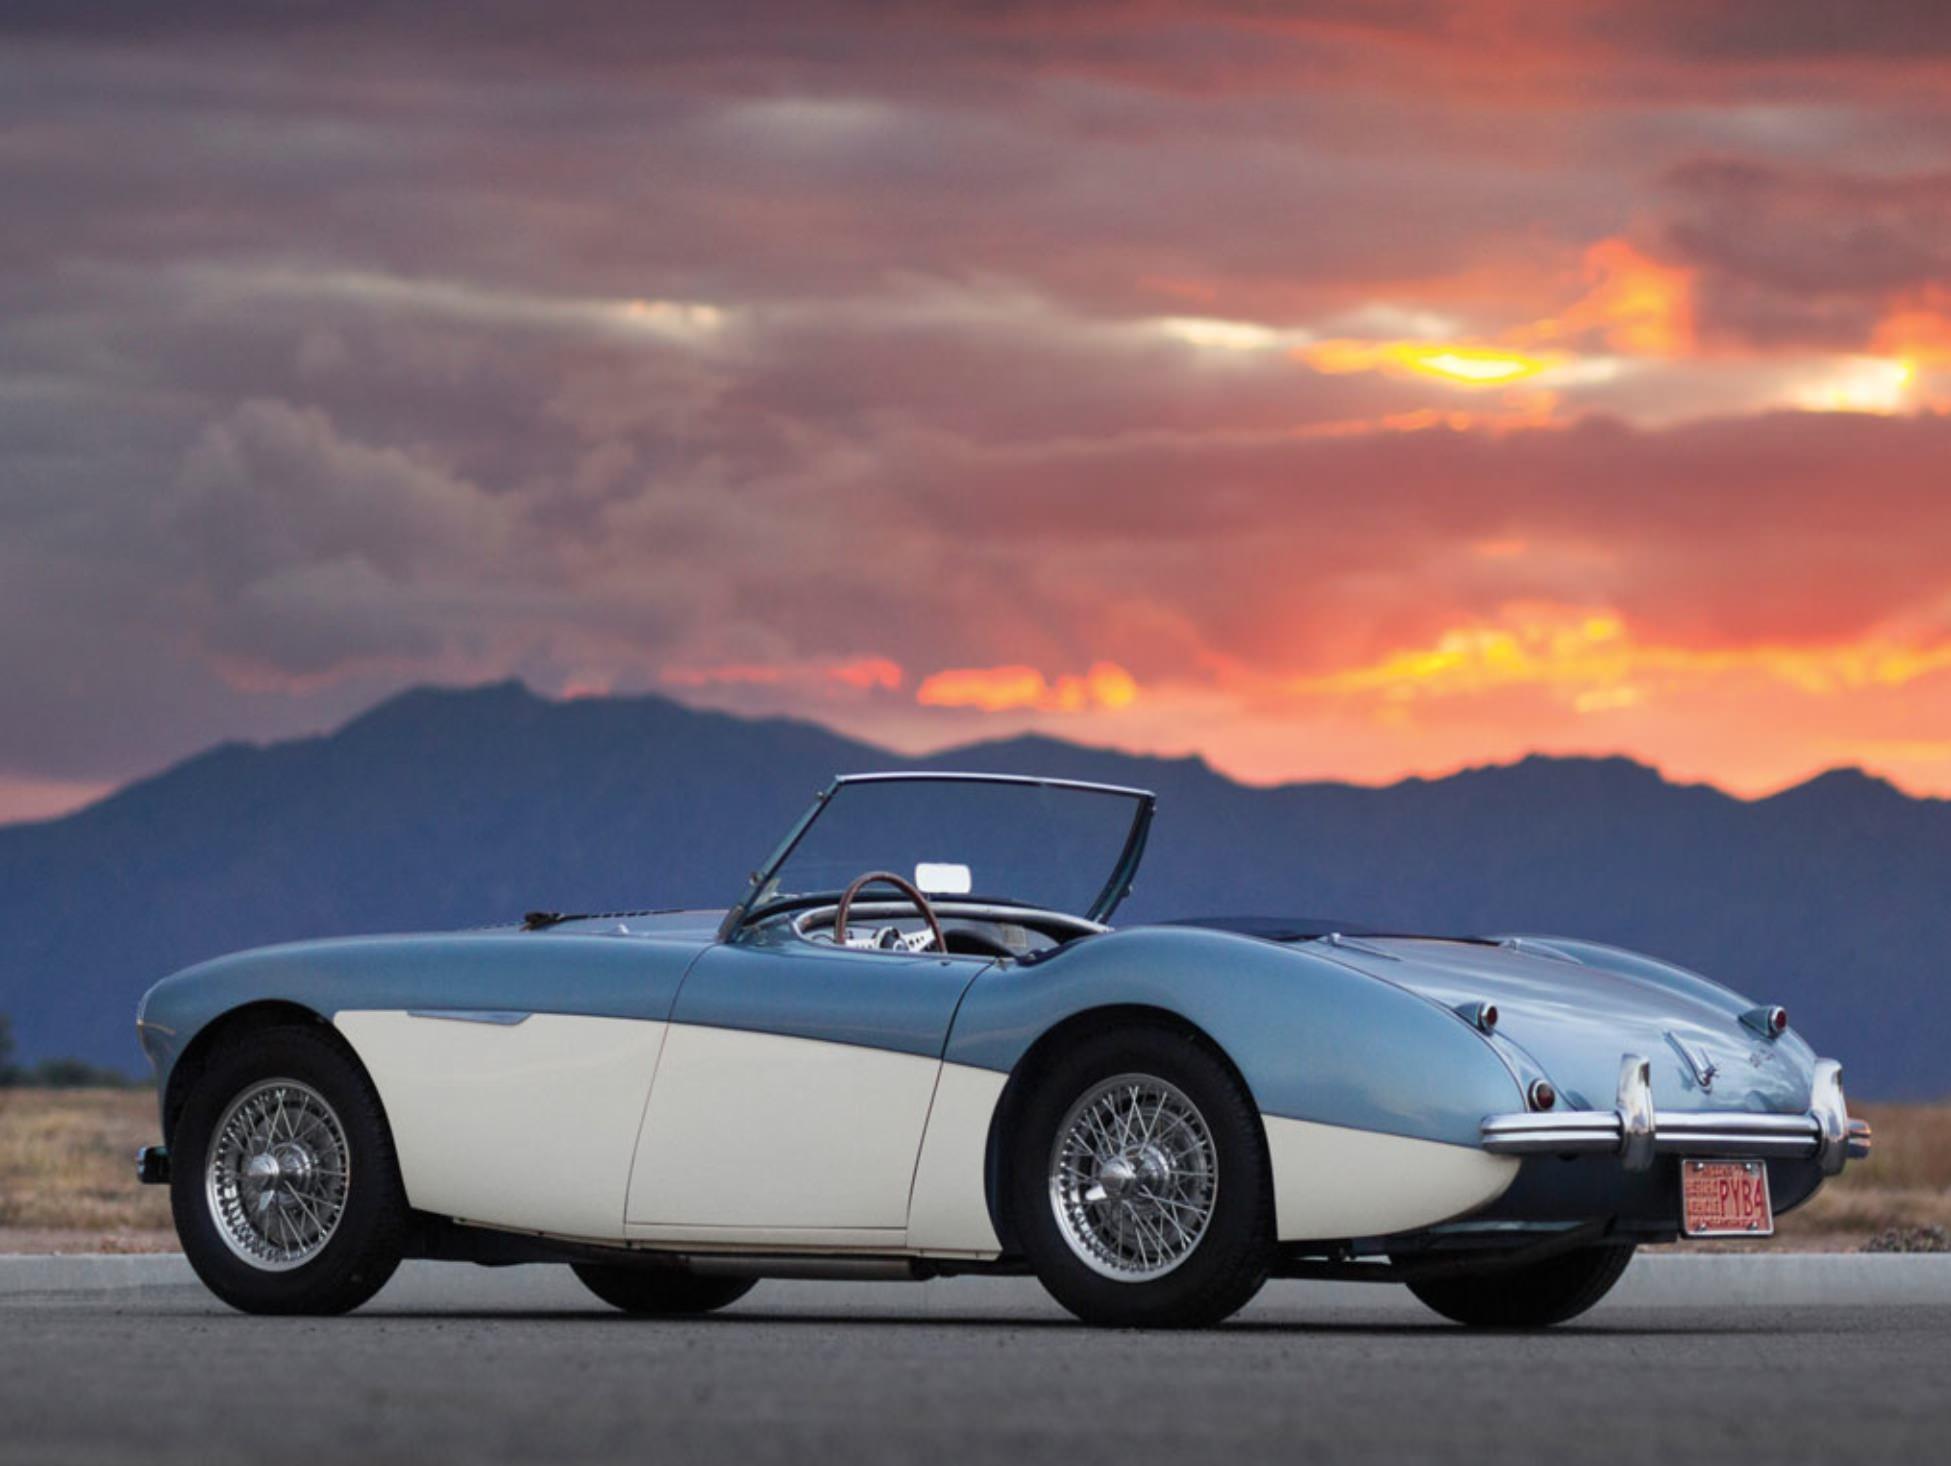 1956 Austin-Healey 100M 'Factory' Le Mans